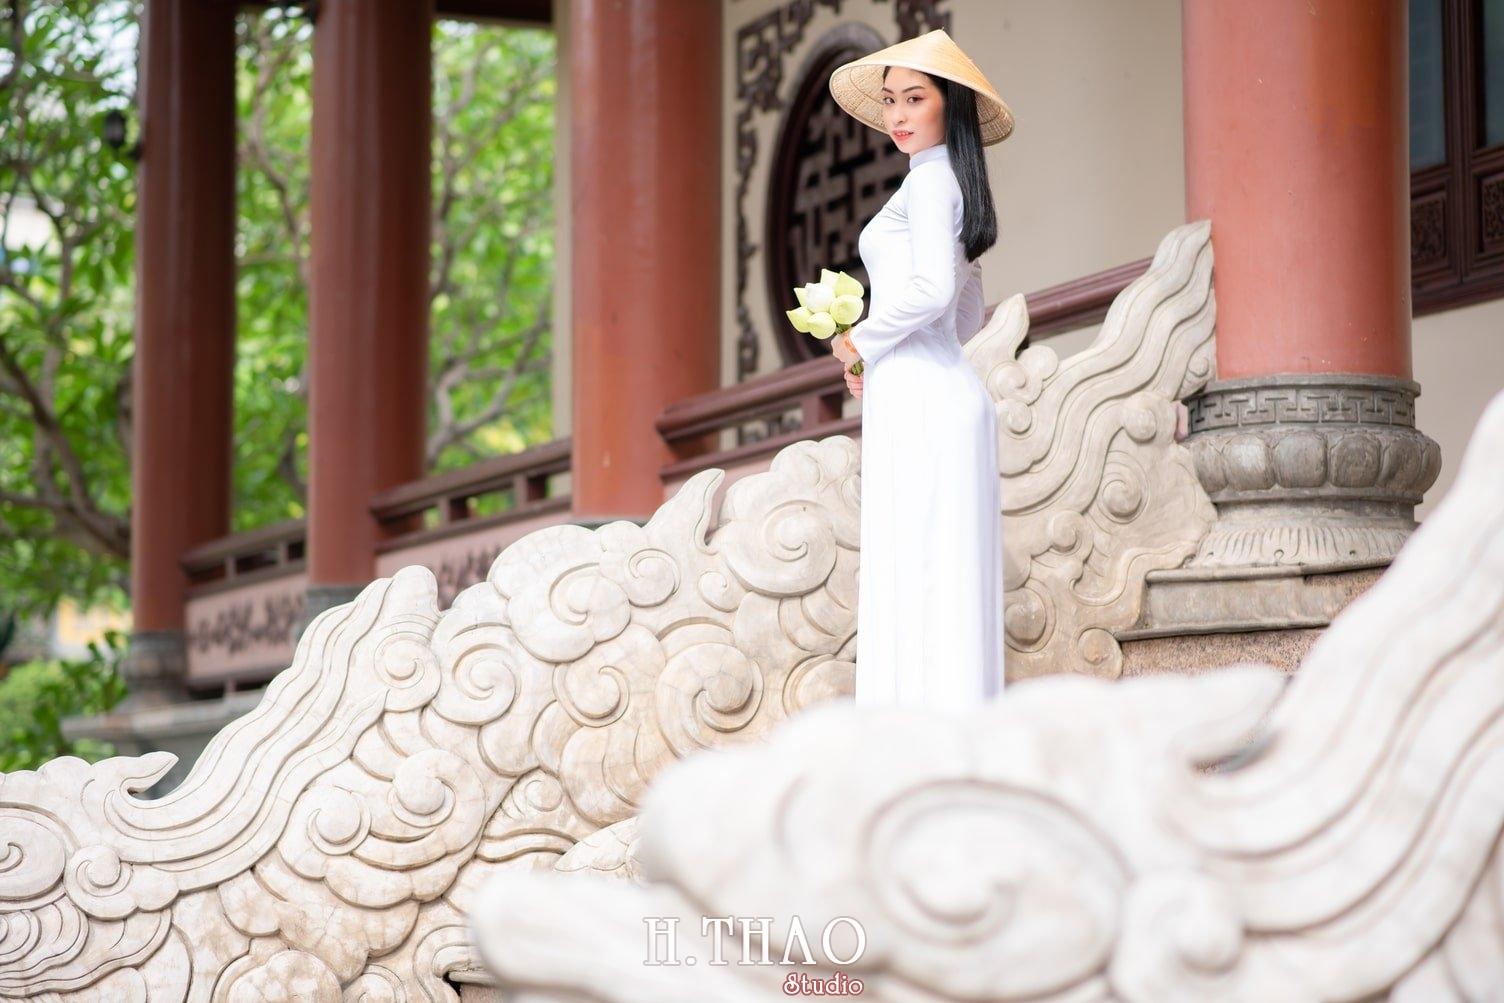 Ao dai trang 10 - Album áo dài trắng tại Thiền Viện Vạn Hạnh - HThao Studio